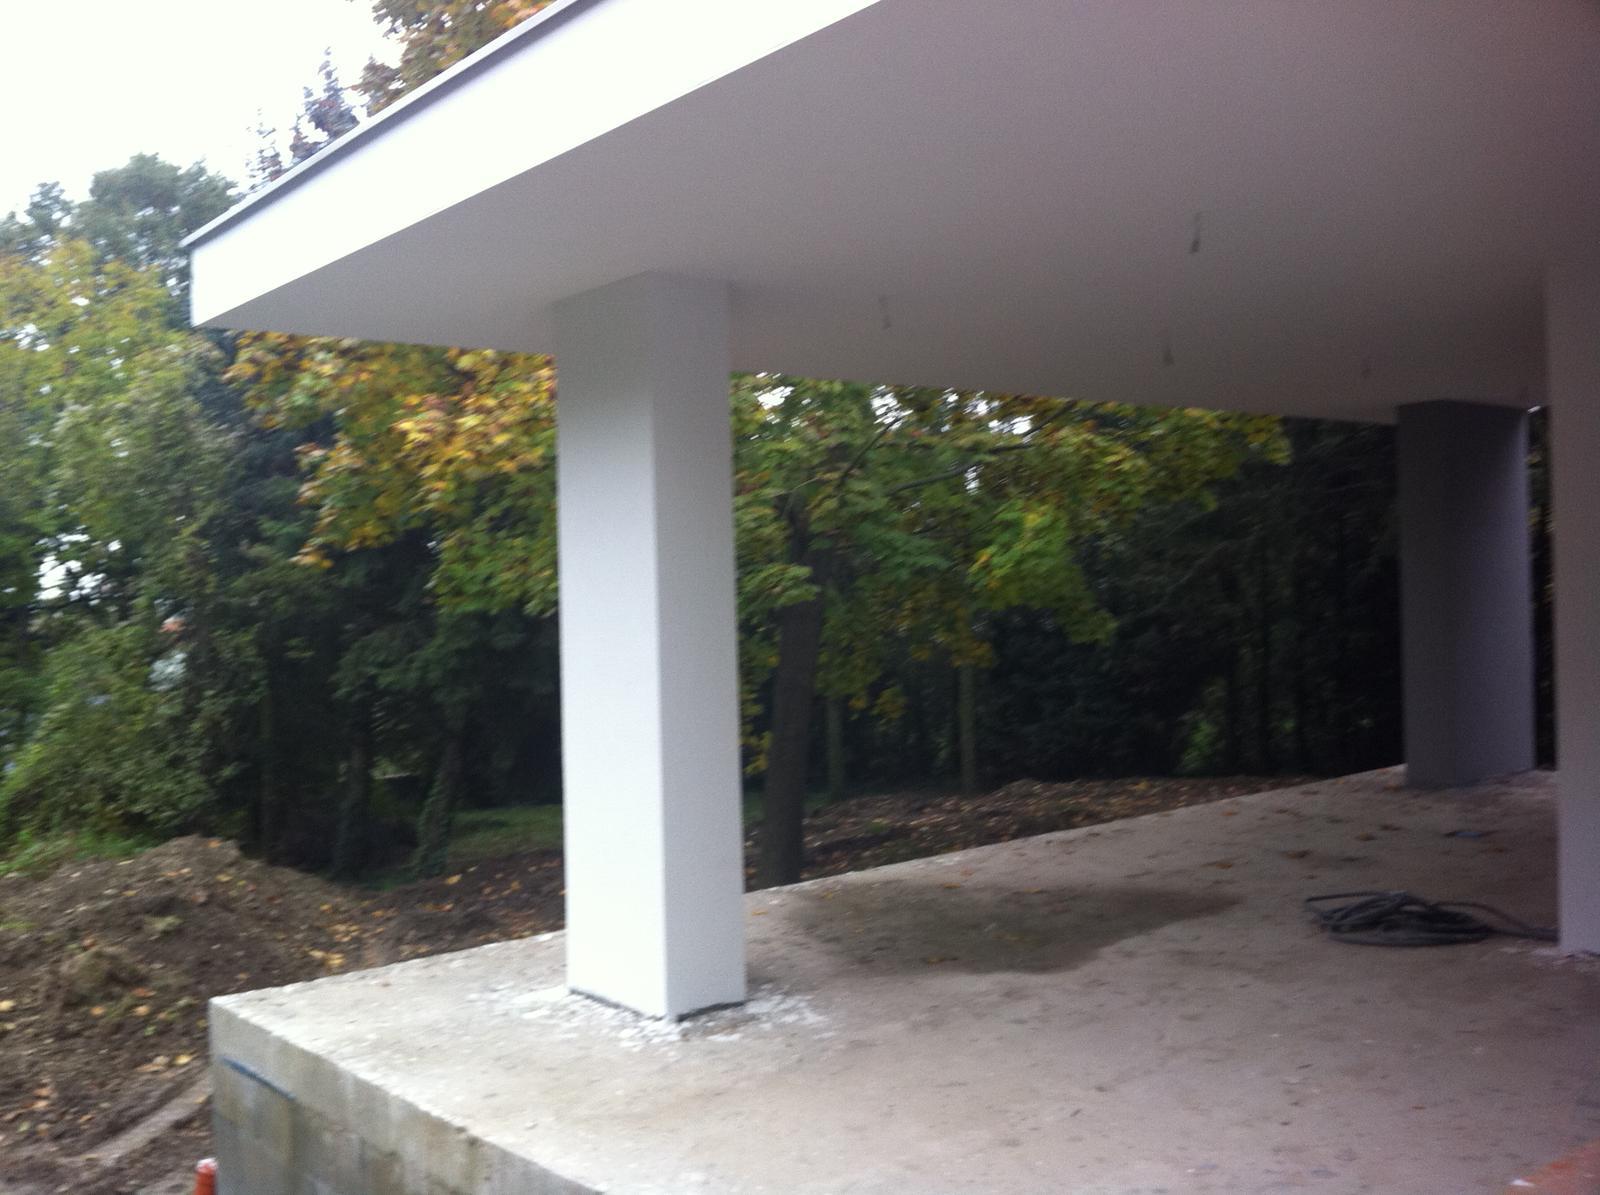 Zaciname... - Vyhlad z terasy na zahradu ktora raz bude pekne upravena. Ale kedy?